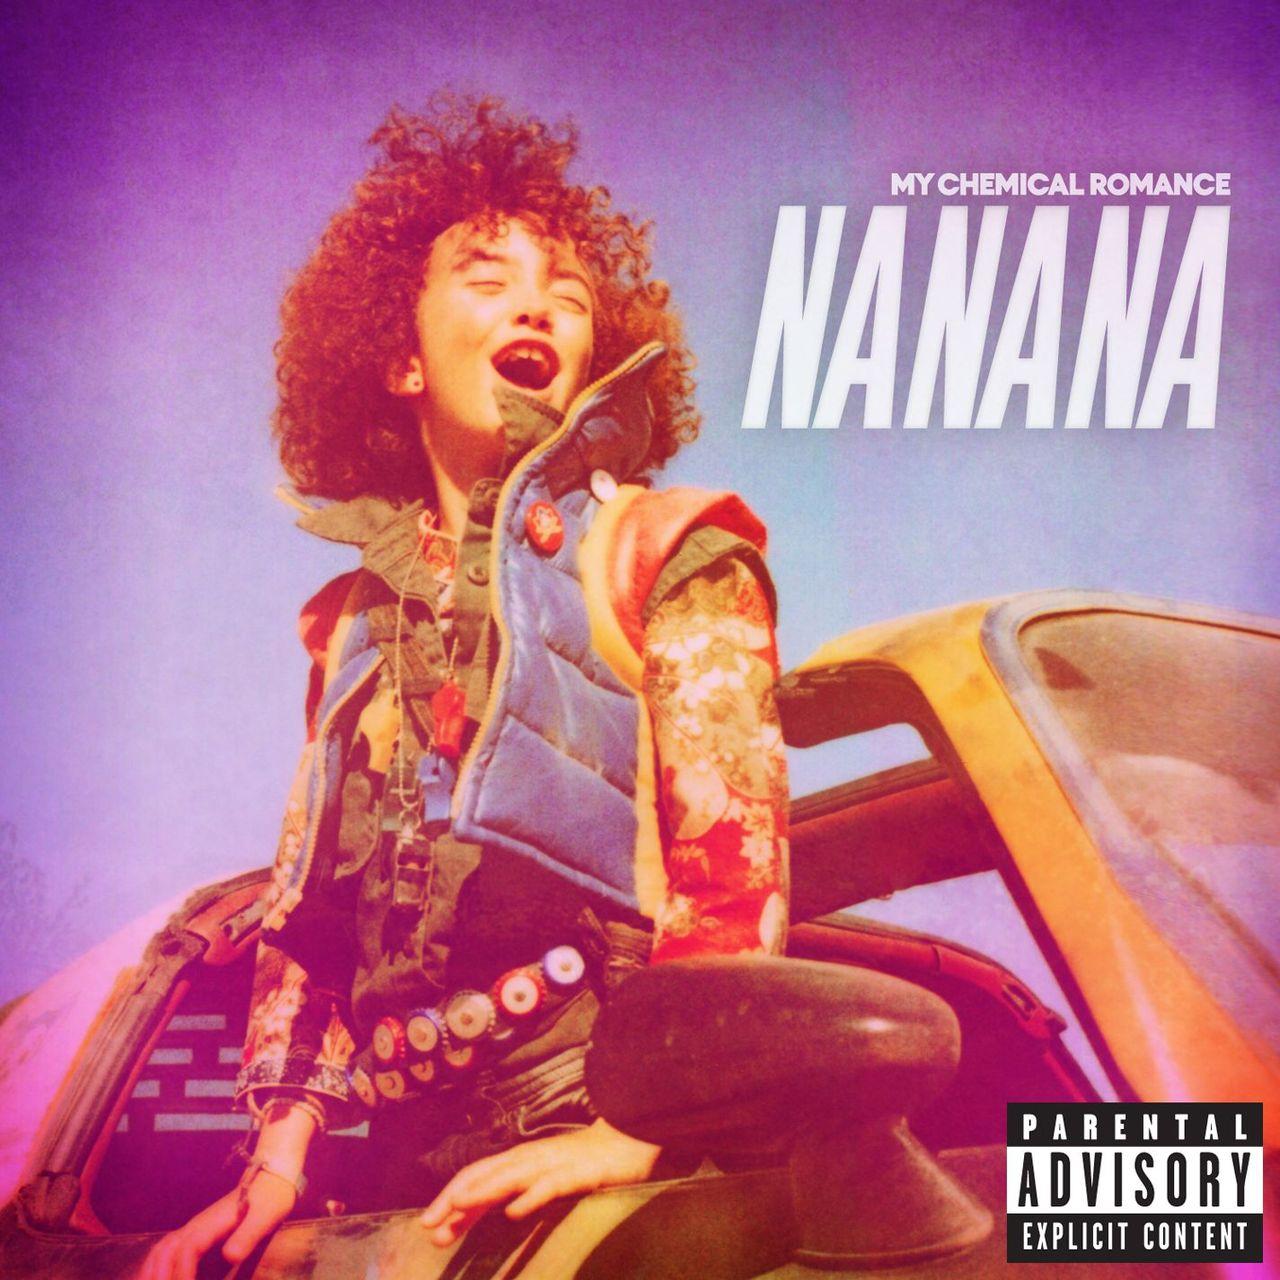 Free Download MP3 My Chemical Romance - Na Na Na